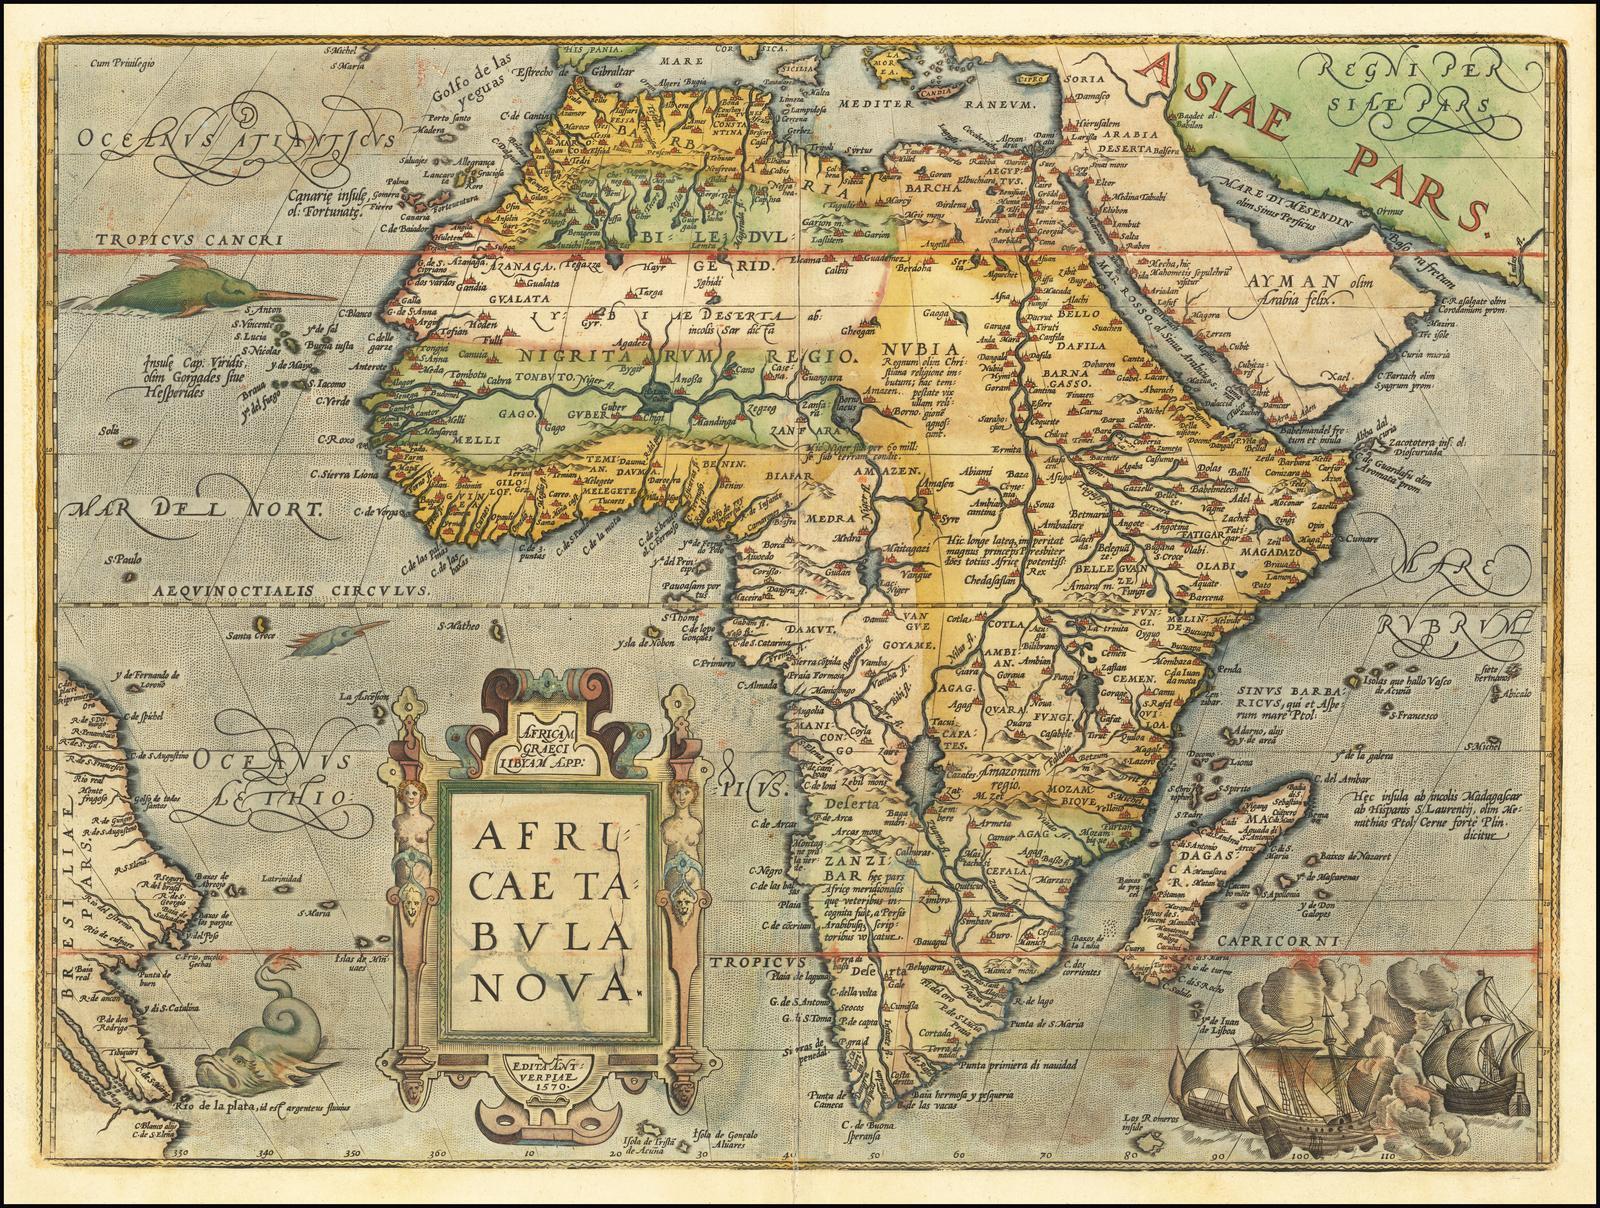 Африка Ортелиуса - одна из самых влиятельных карт Африканского континента